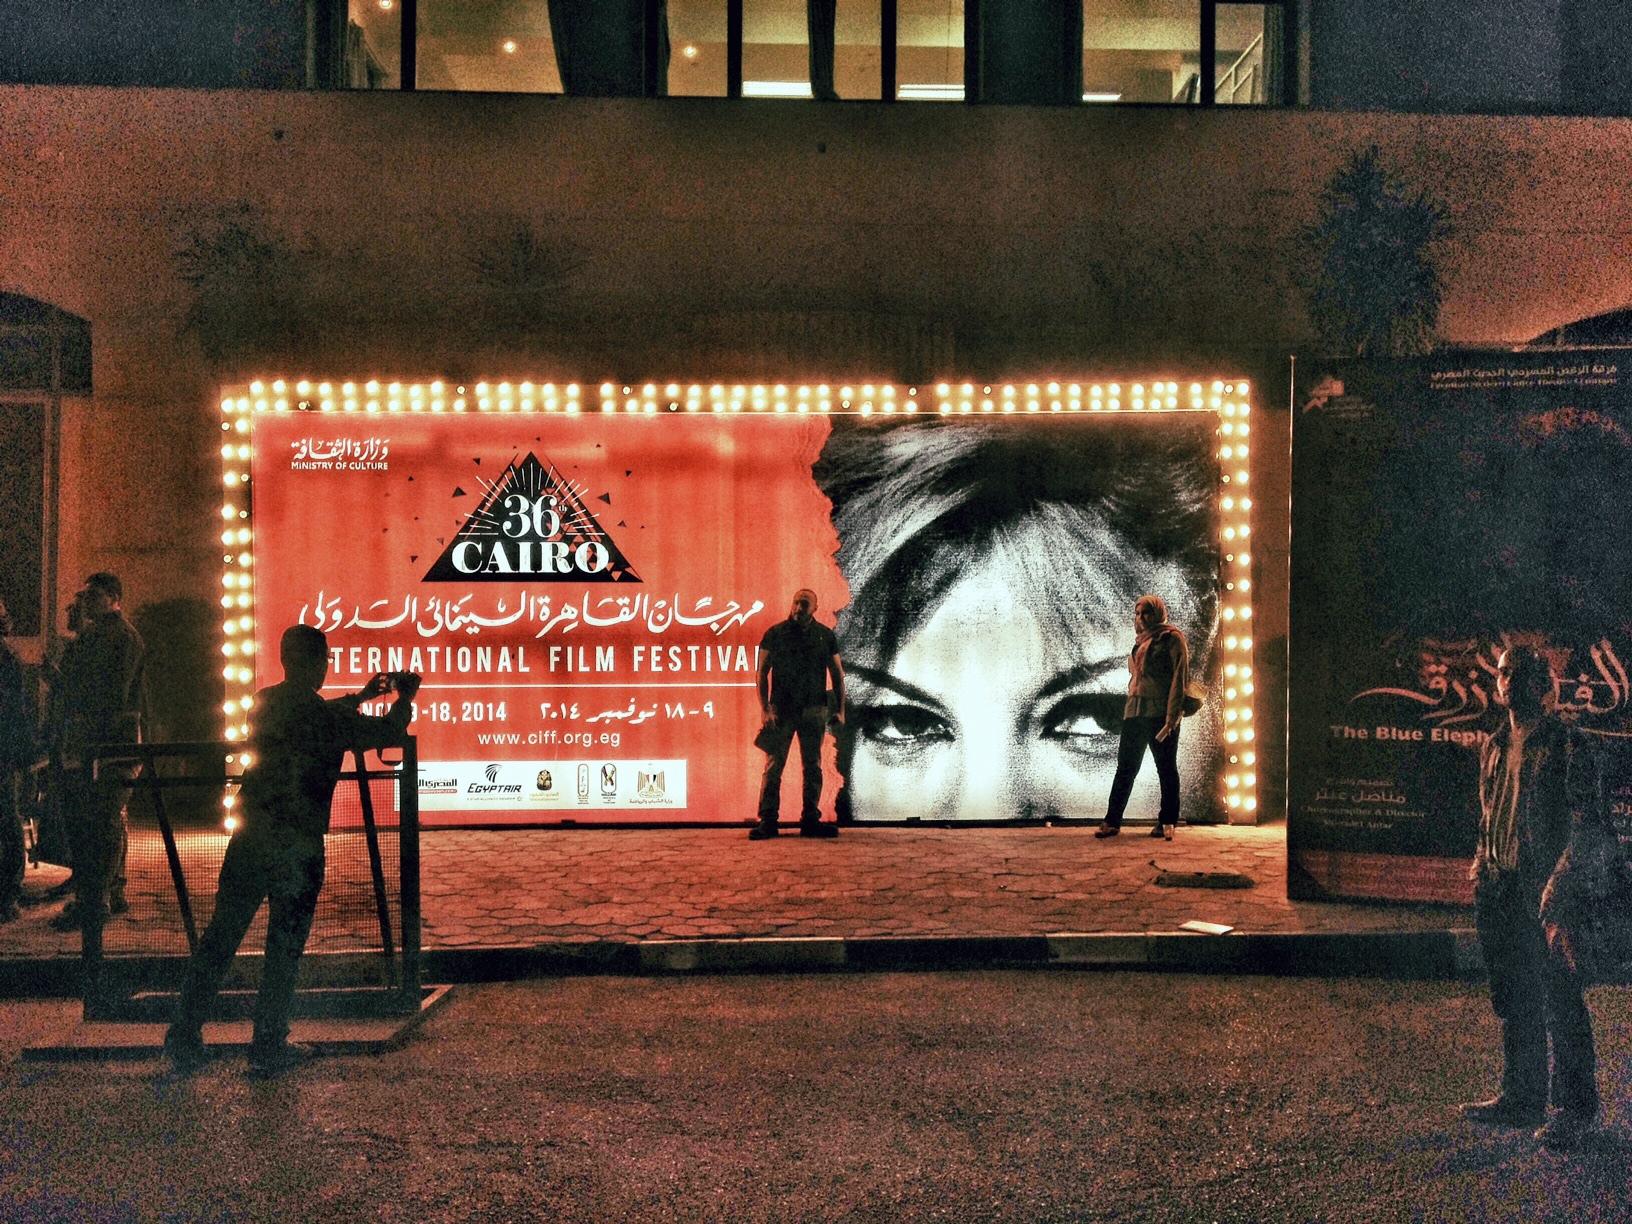 El lugar donde todos querían hacerse una foto en el festival estaba a la entrada del edificio de la Ópera del Cairo. / LUIS ROCA ARENCIBIA